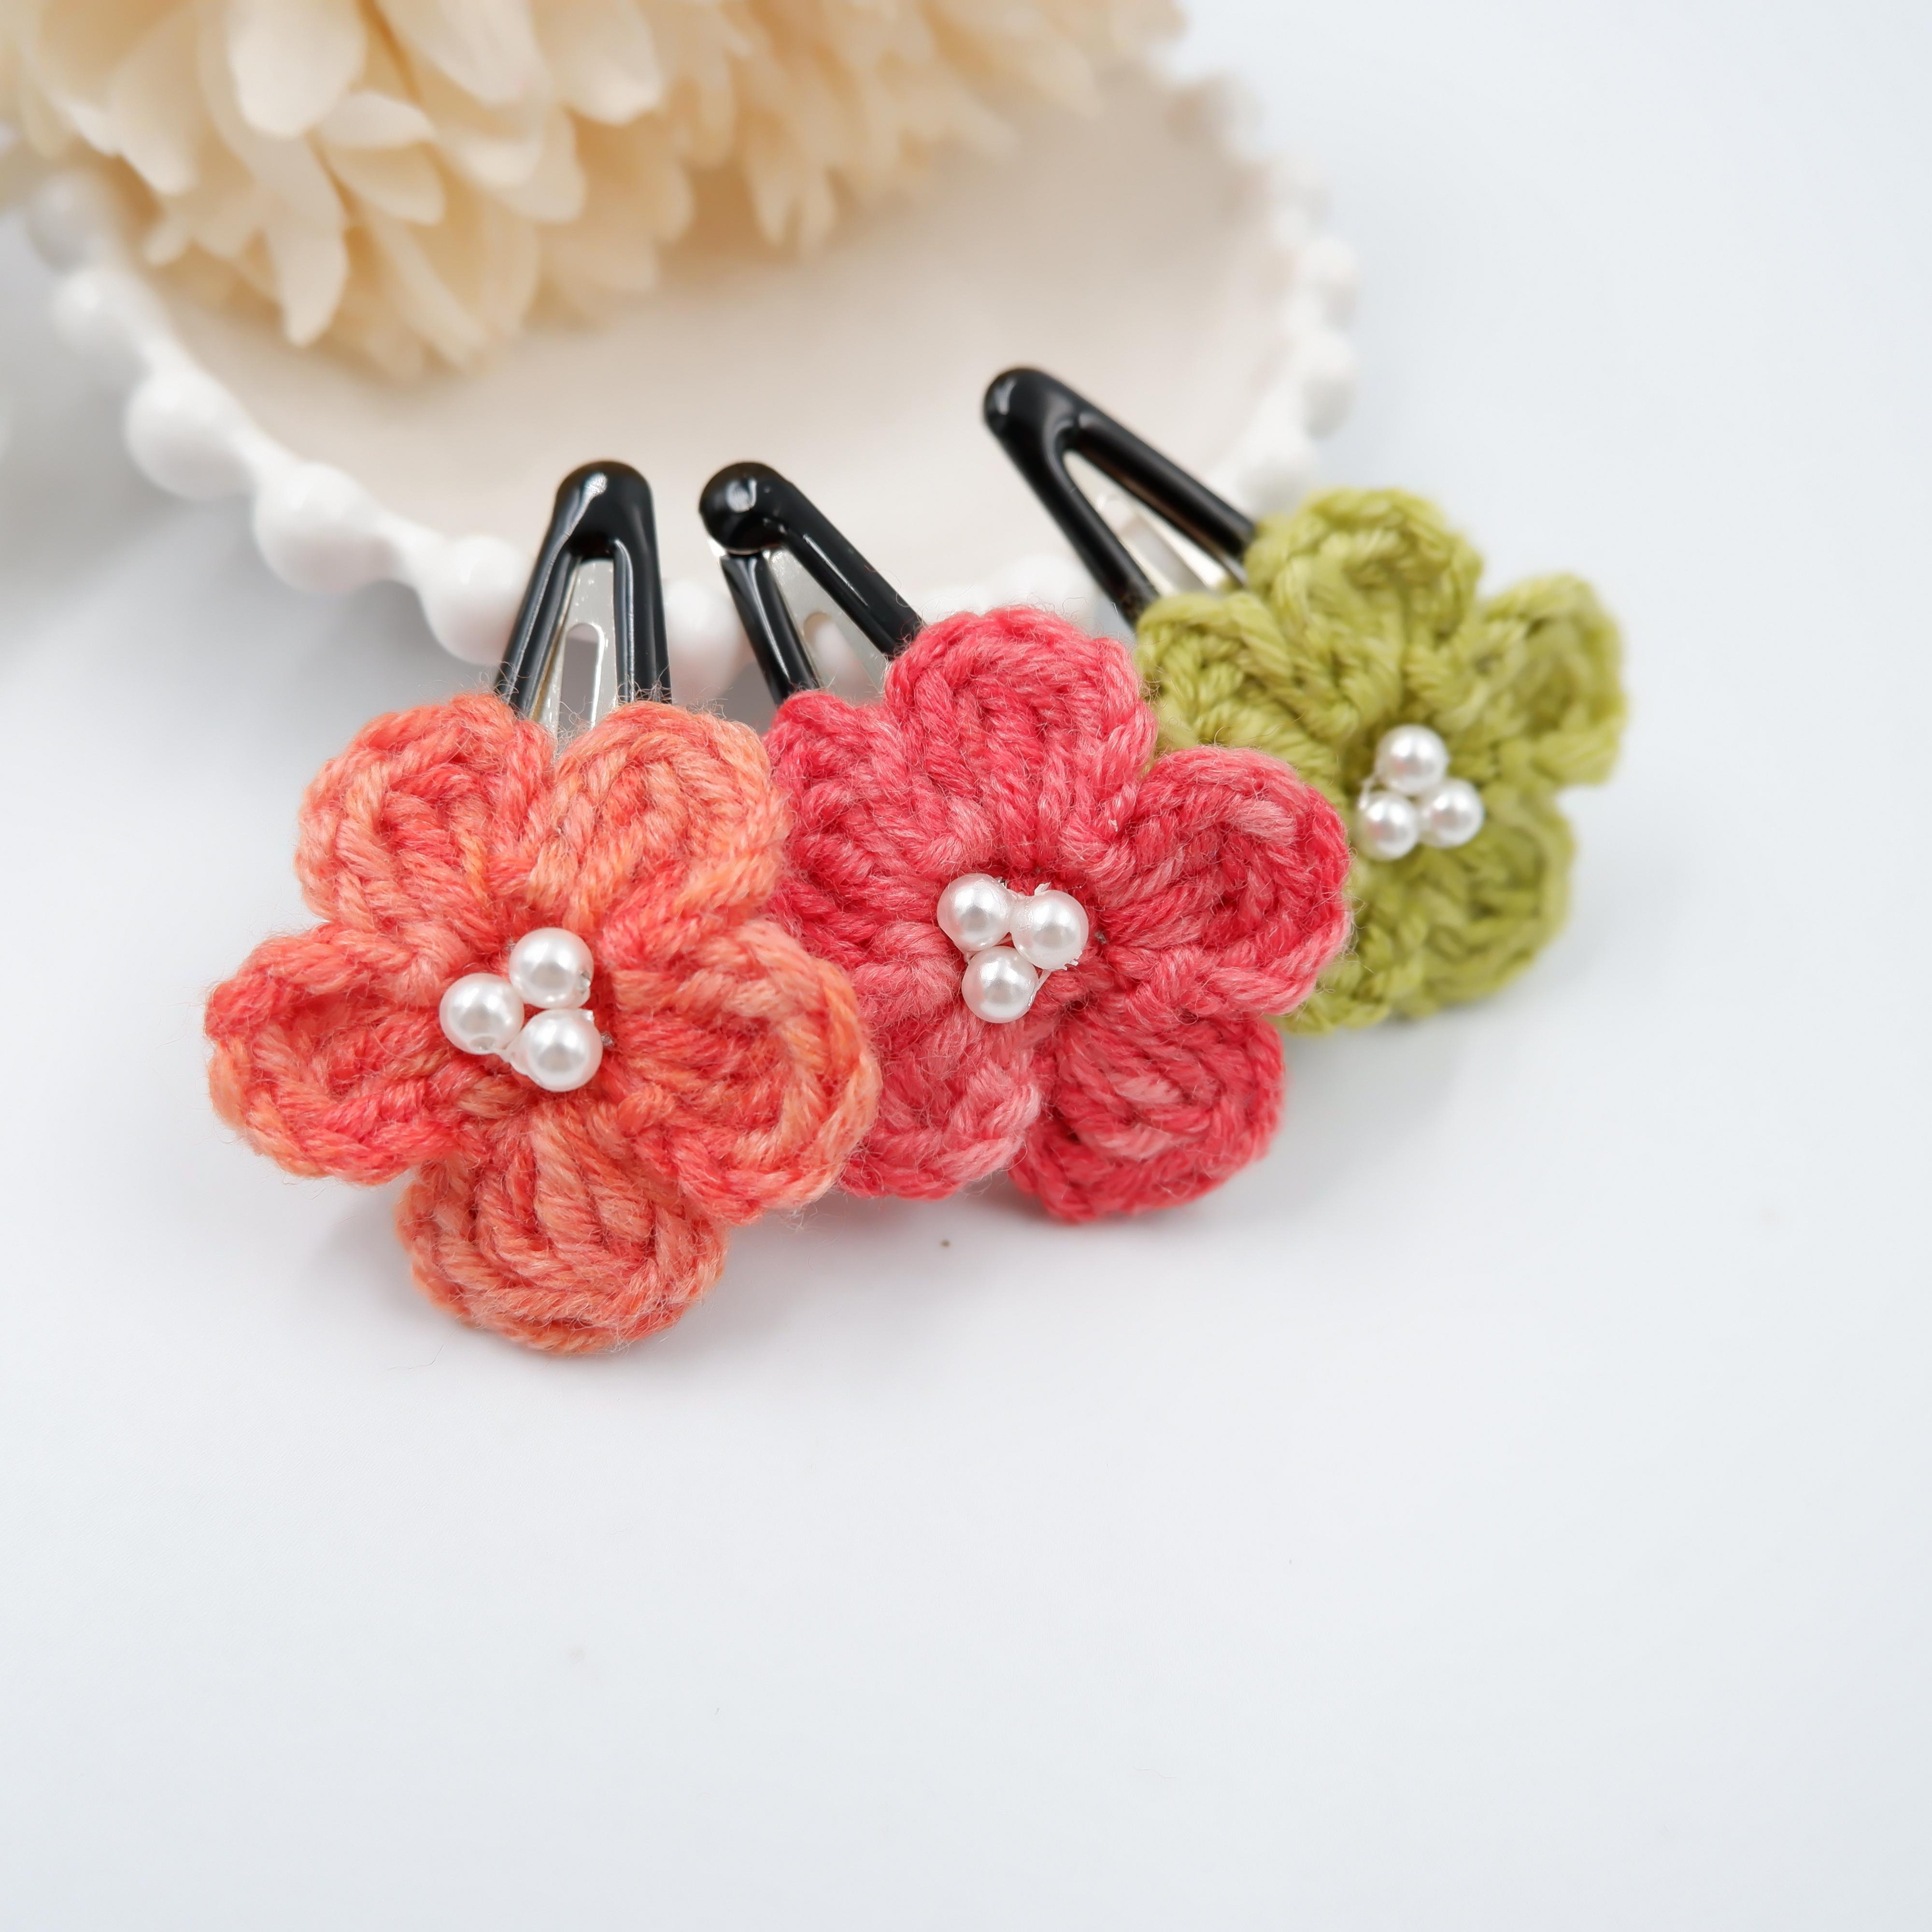 段染め小花のスリーピン3セット*暖色系